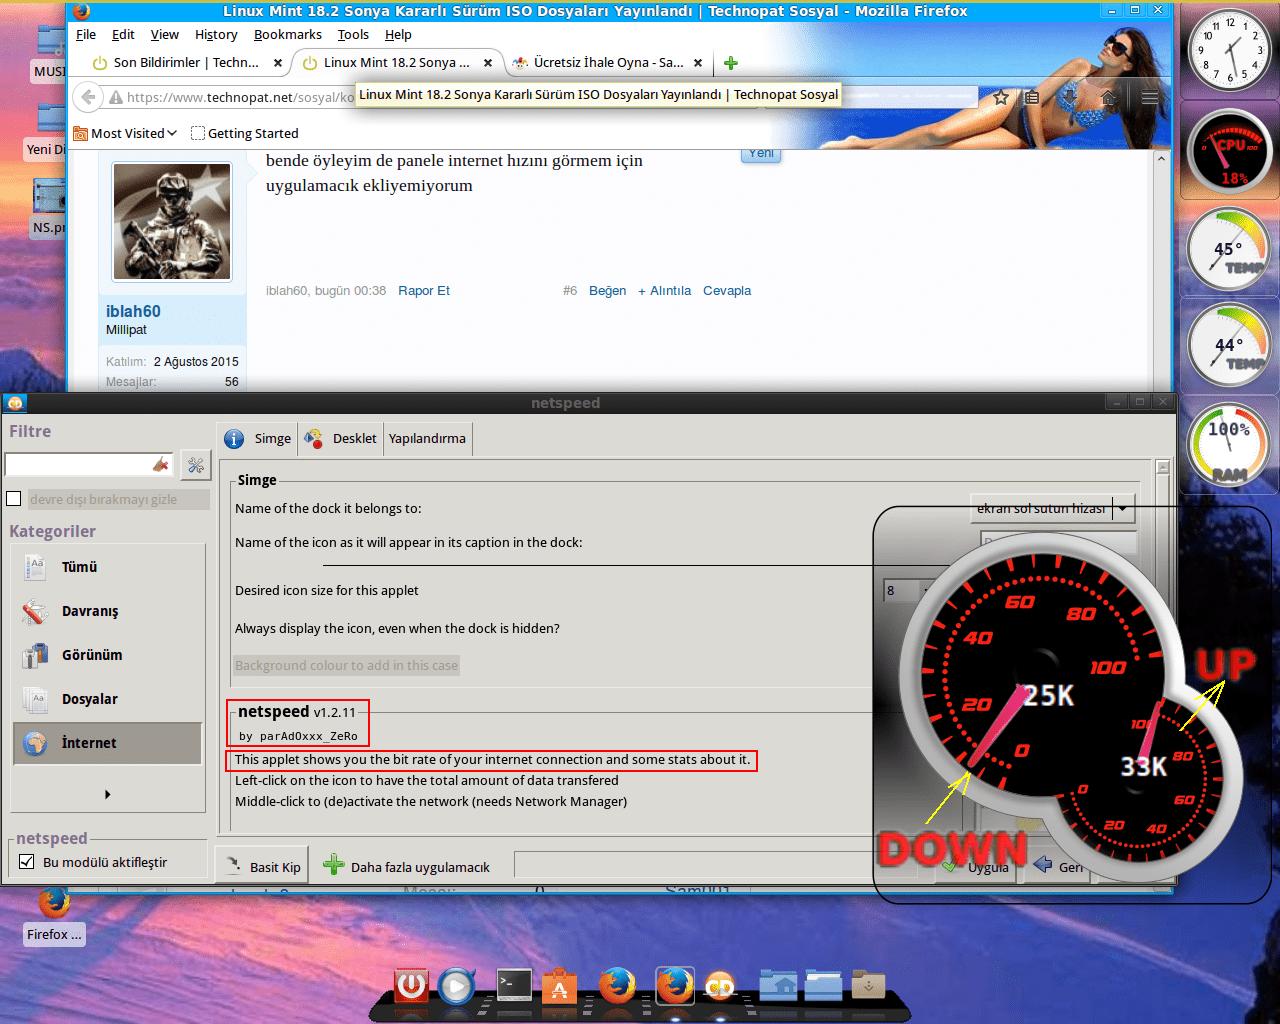 Linux Mint 18 2 Sonya Kararlı Sürüm ISO Dosyaları Yayınlandı